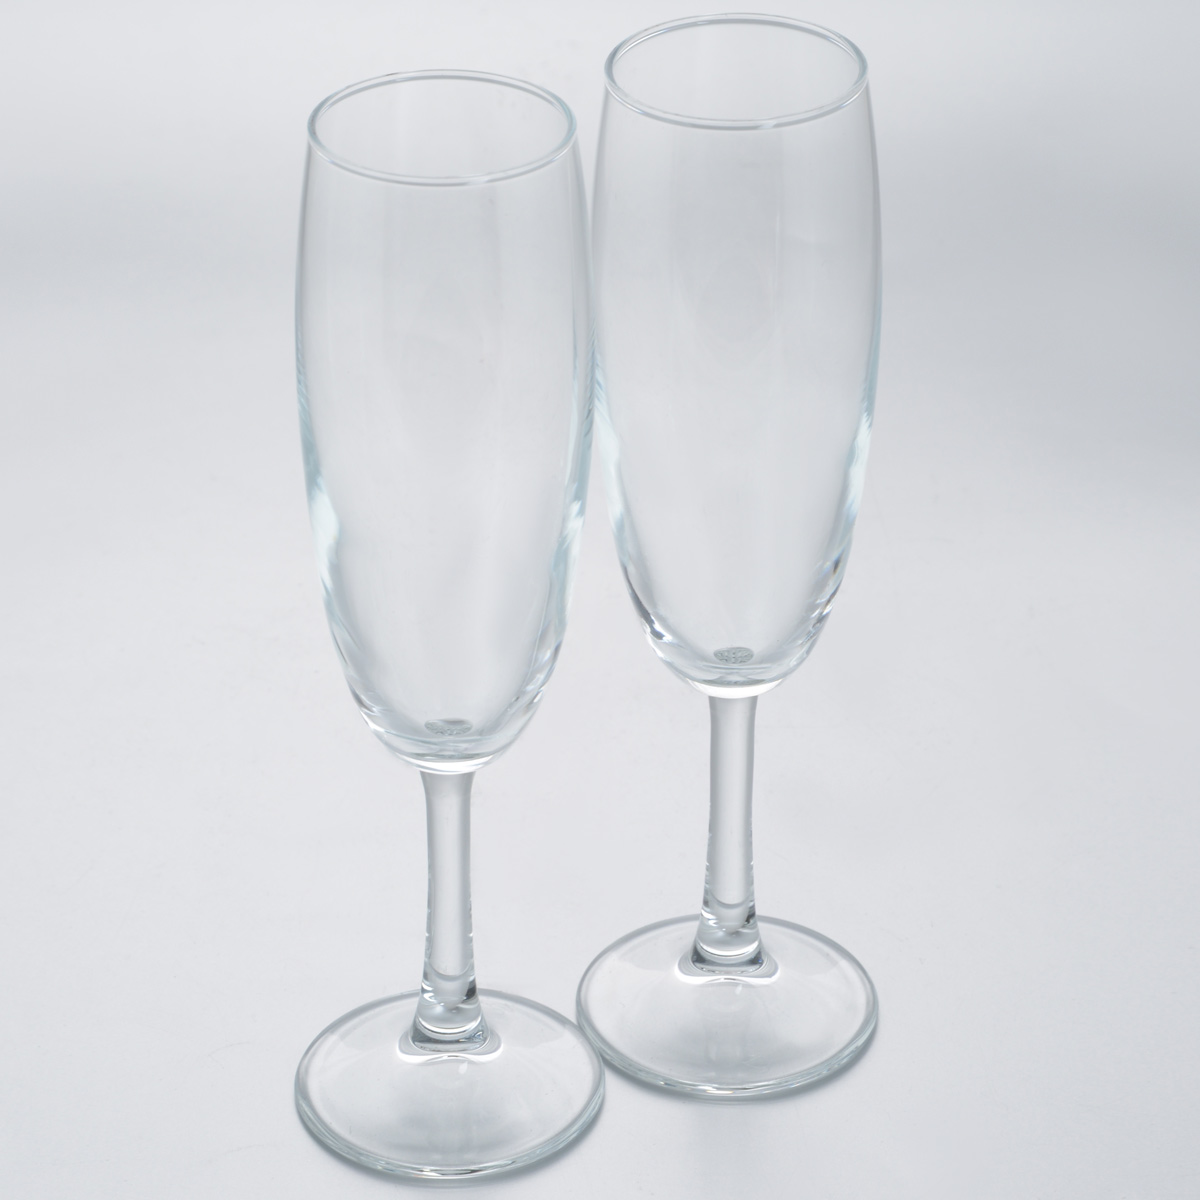 Набор бокалов Pasabahce Classique, 215 мл, 2 шт giftman набор бокалов для молодоженов нежность 21 см авторская работа белый